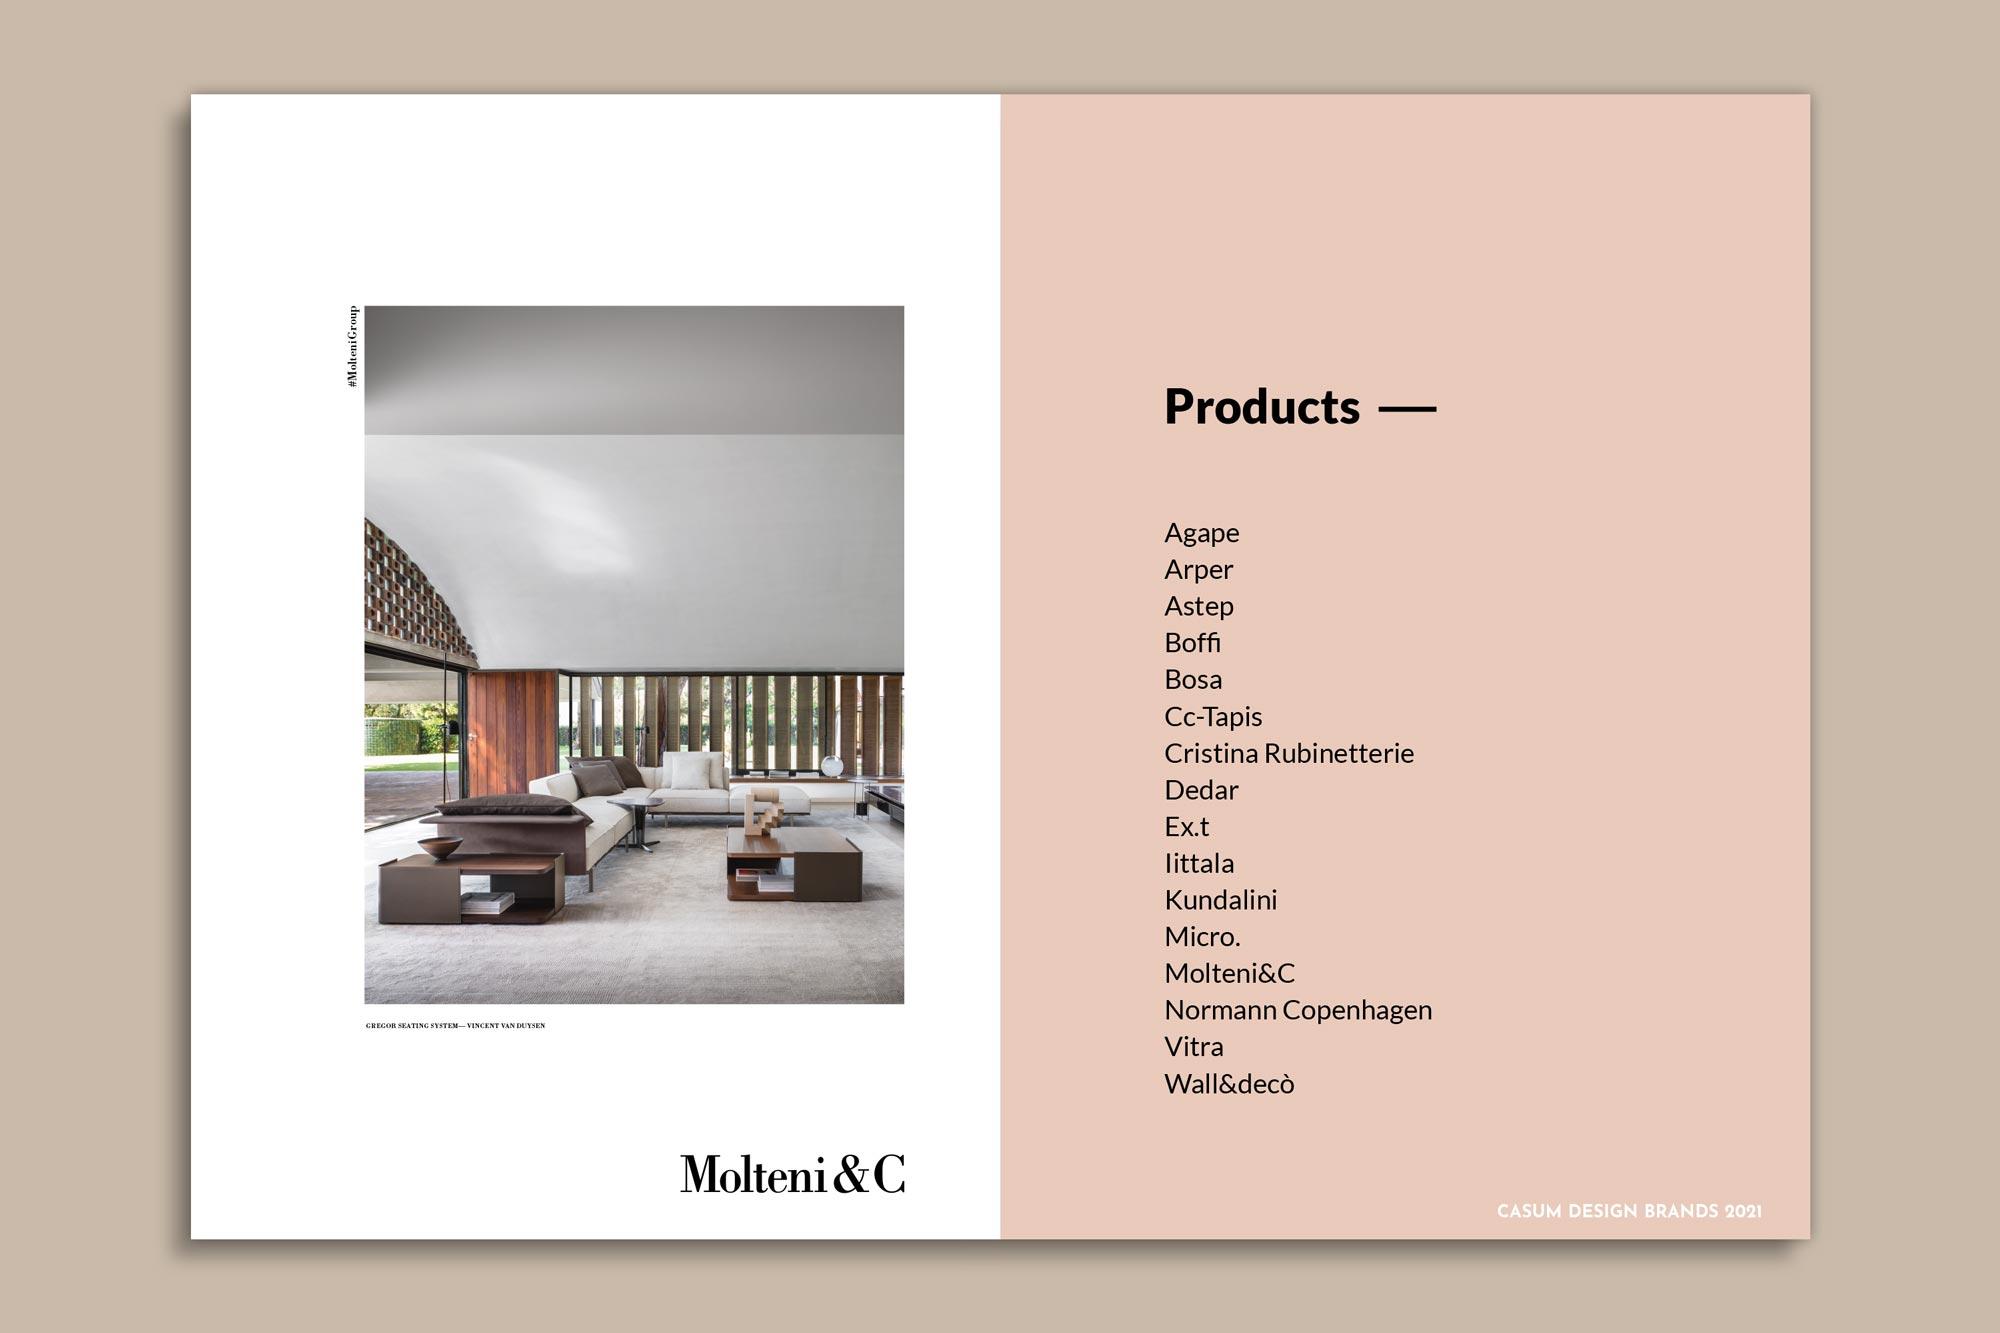 Sponsorshio on Casum Design Brands 2021. Molteni adv